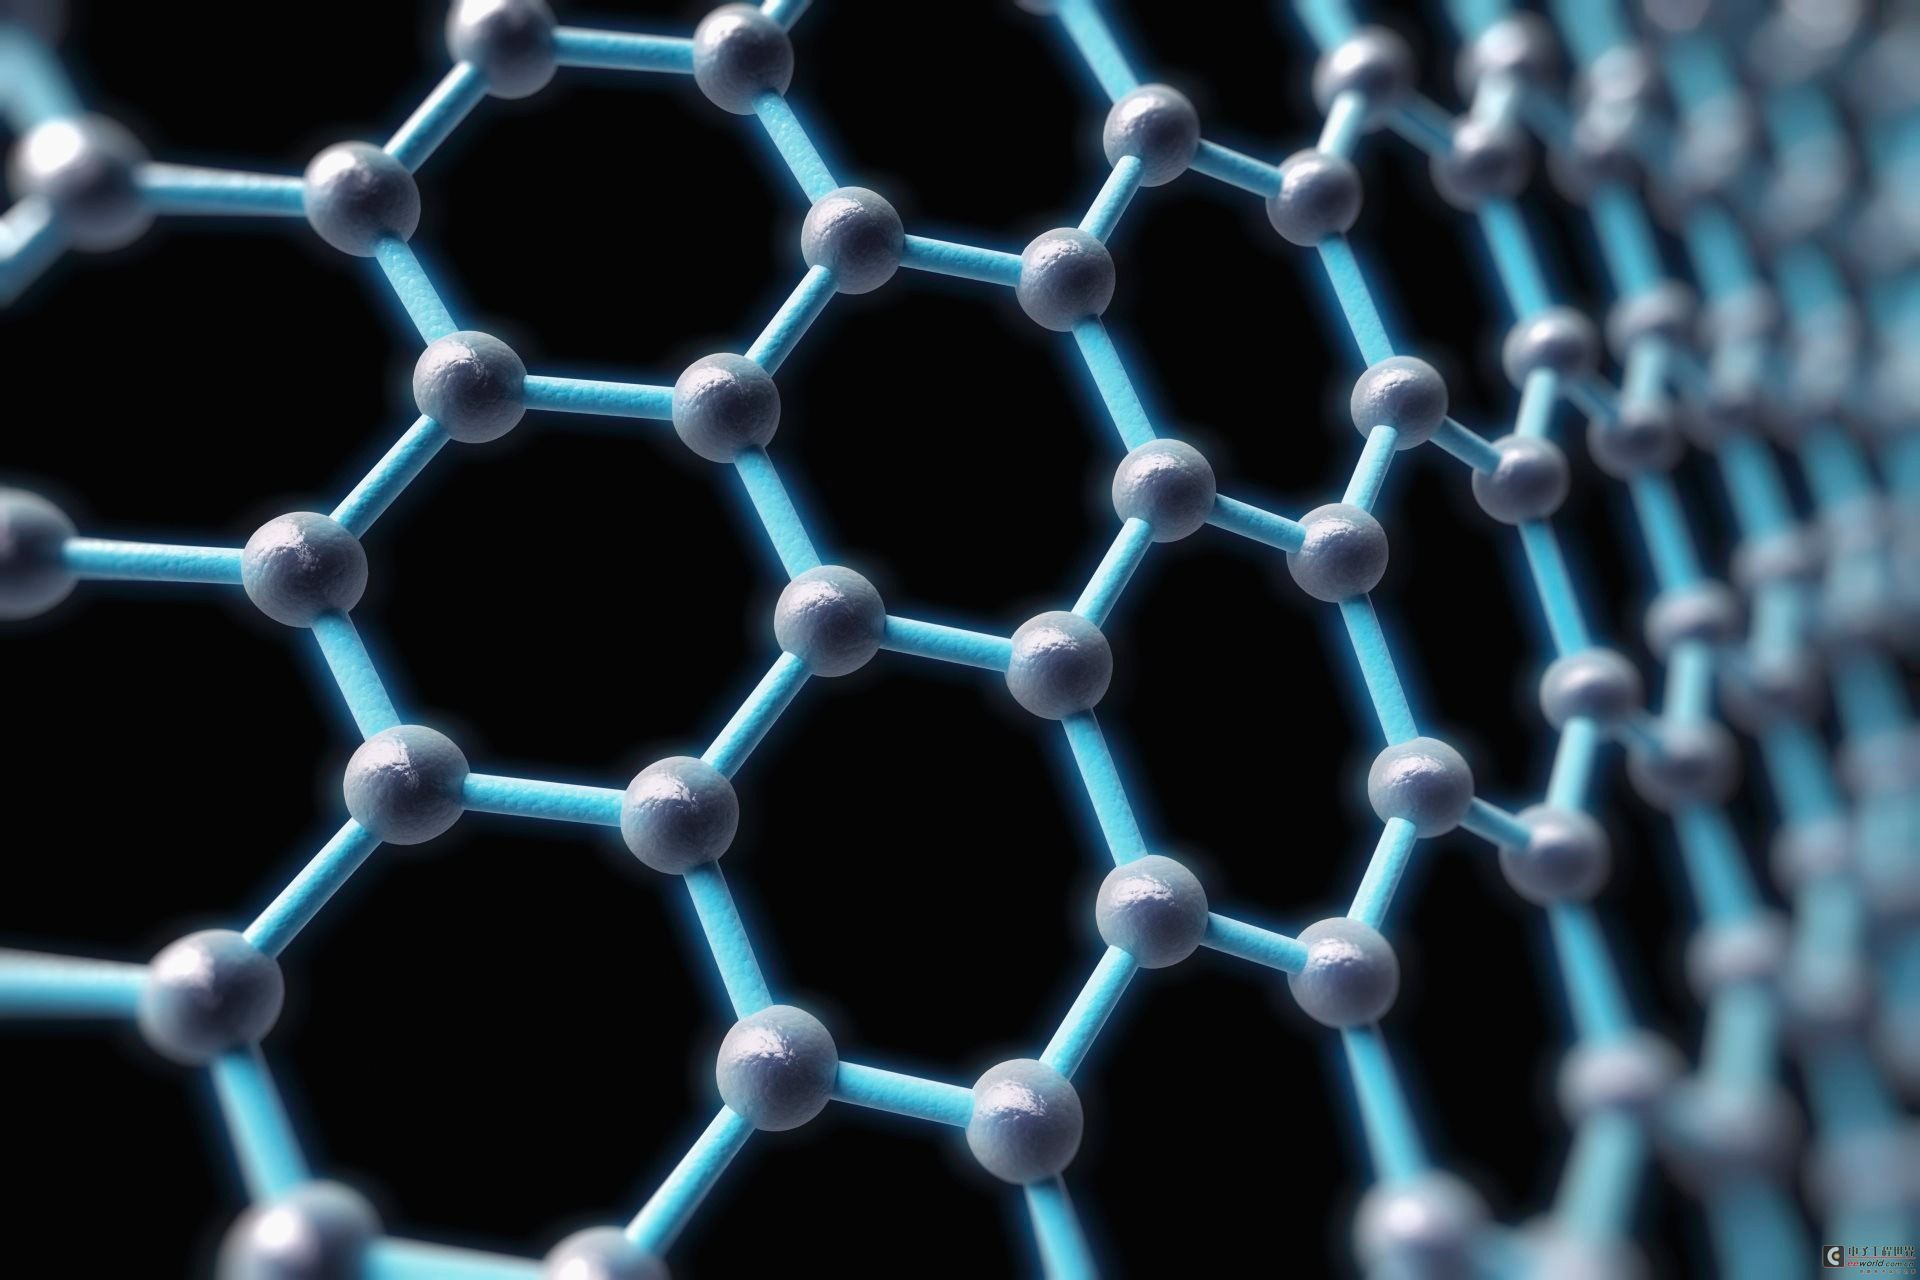 石墨烯是由碳六元环组成的两维(2D)周期蜂窝状点阵结构, 它可以翘曲成零维(0D)的富勒烯(fullerene),卷成一维(1D)的碳纳米管(carbon nano-tube, CNT)或者堆垛成三维(3D)的石墨(graphite), 因此石墨烯是构成其他石墨材料的基本单元。石墨烯的基本结构单元为有机材料中最稳定的苯六元环, 是目前最理想的二维纳米材料.